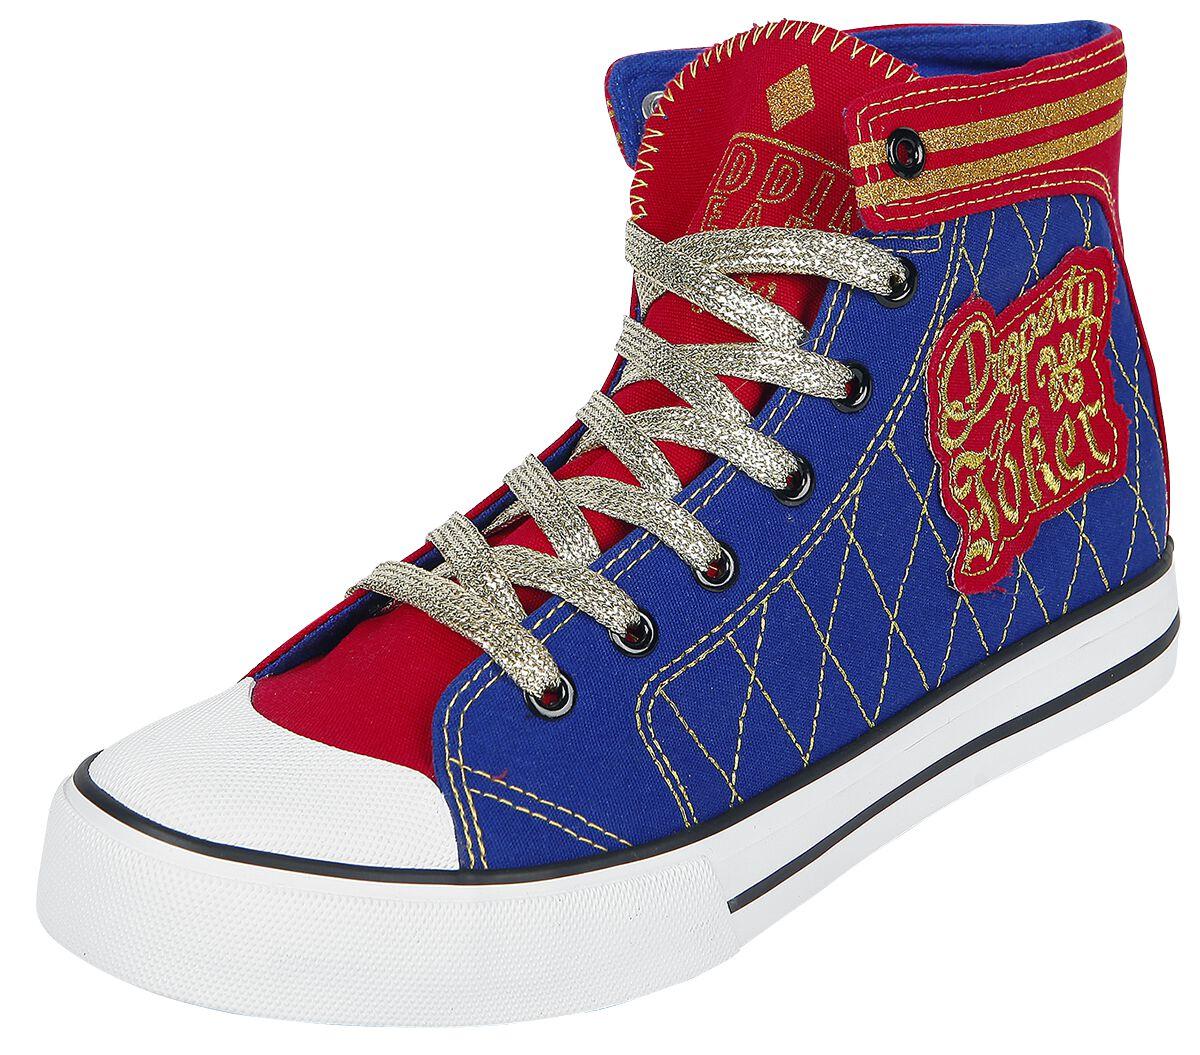 Merch dla Fanów - Buty - Buty sportowe Suicide Squad Harley Quinn - Daddy's Lil' Monster Buty sportowe czerwony/niebieski - 366546